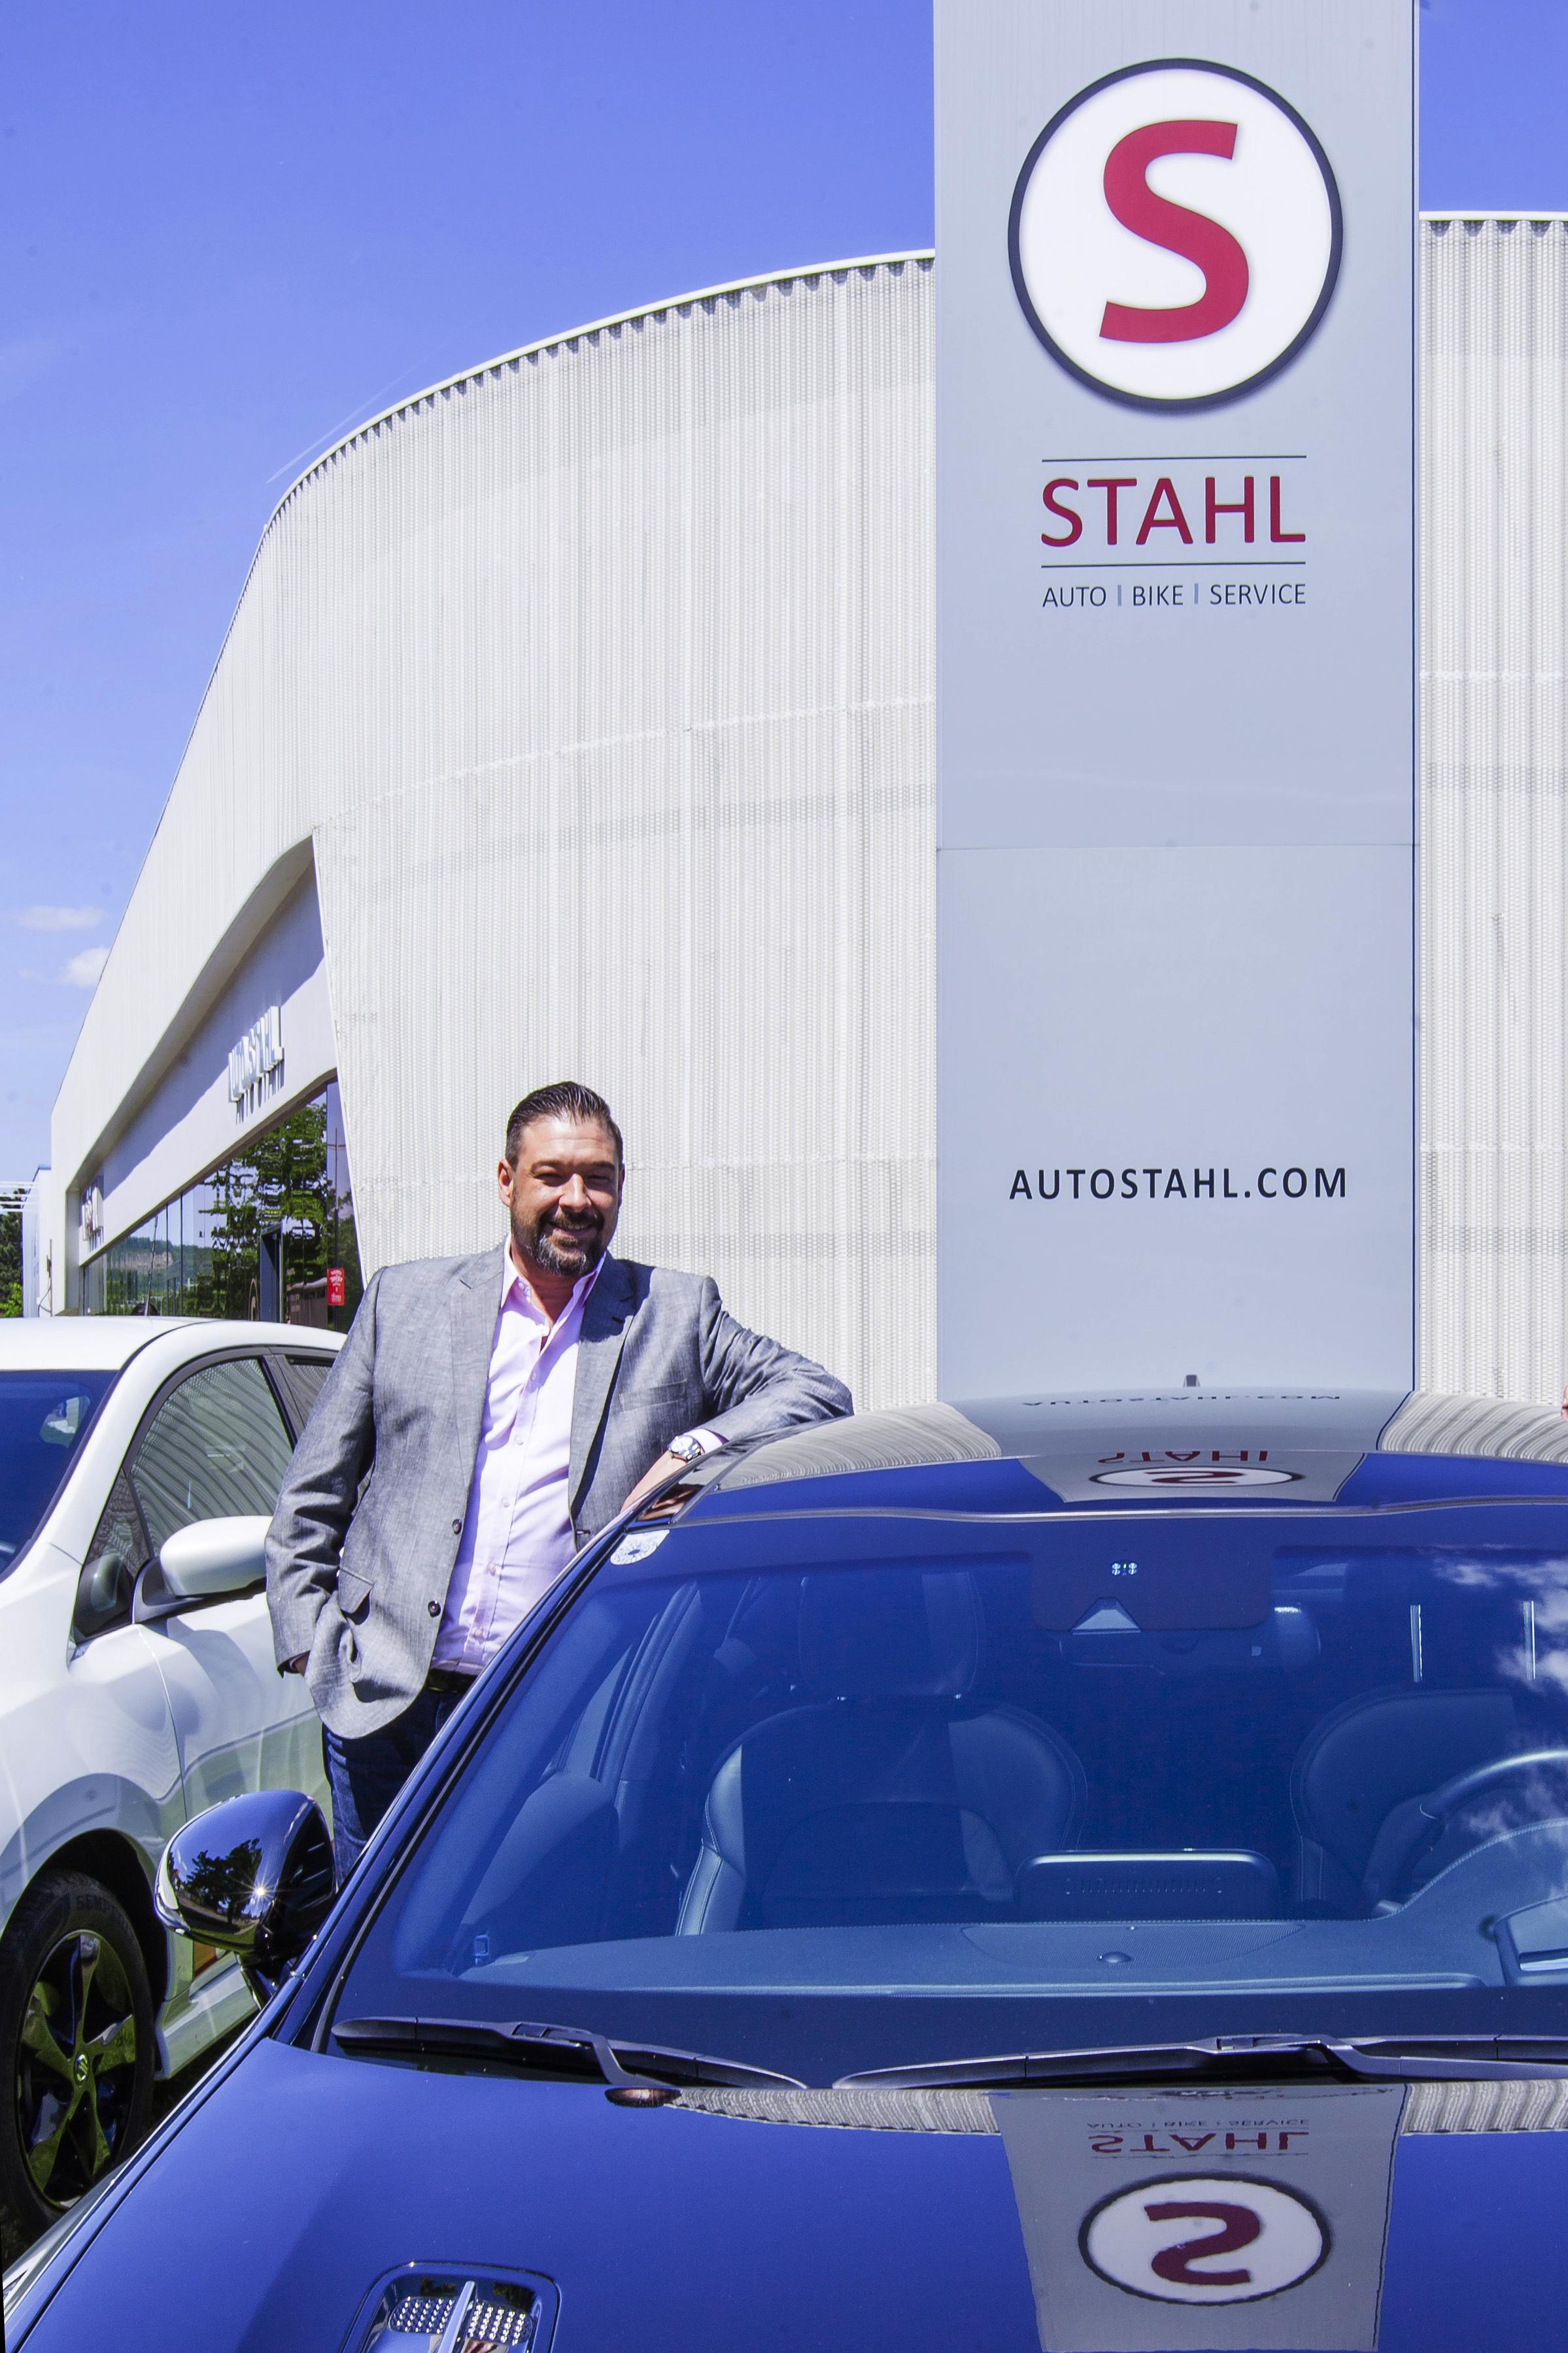 Auto Stahl Wien 21 | Thomas Suchy, Verkaufsleitung